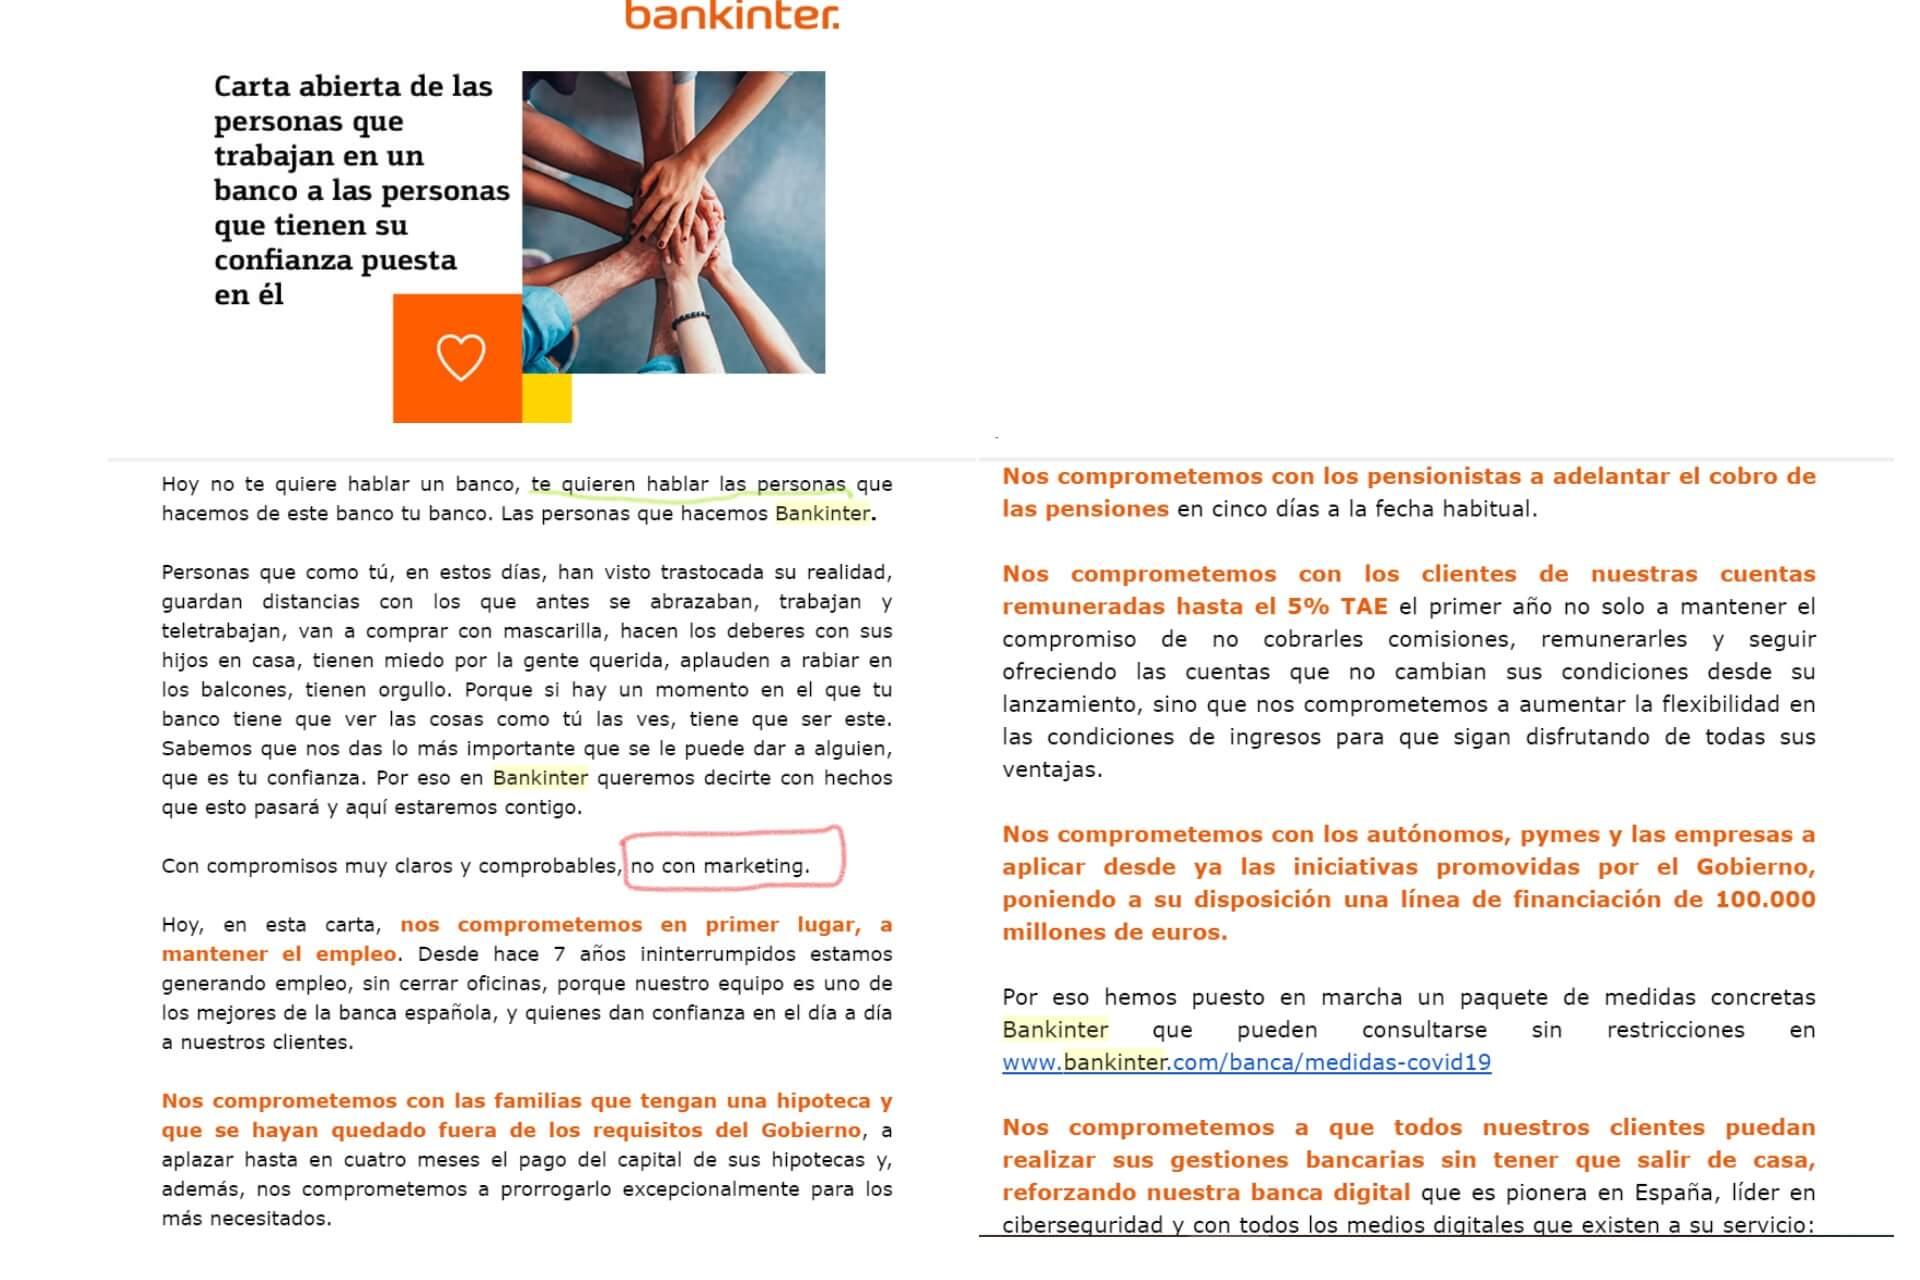 Mail de Bankinter covid-19